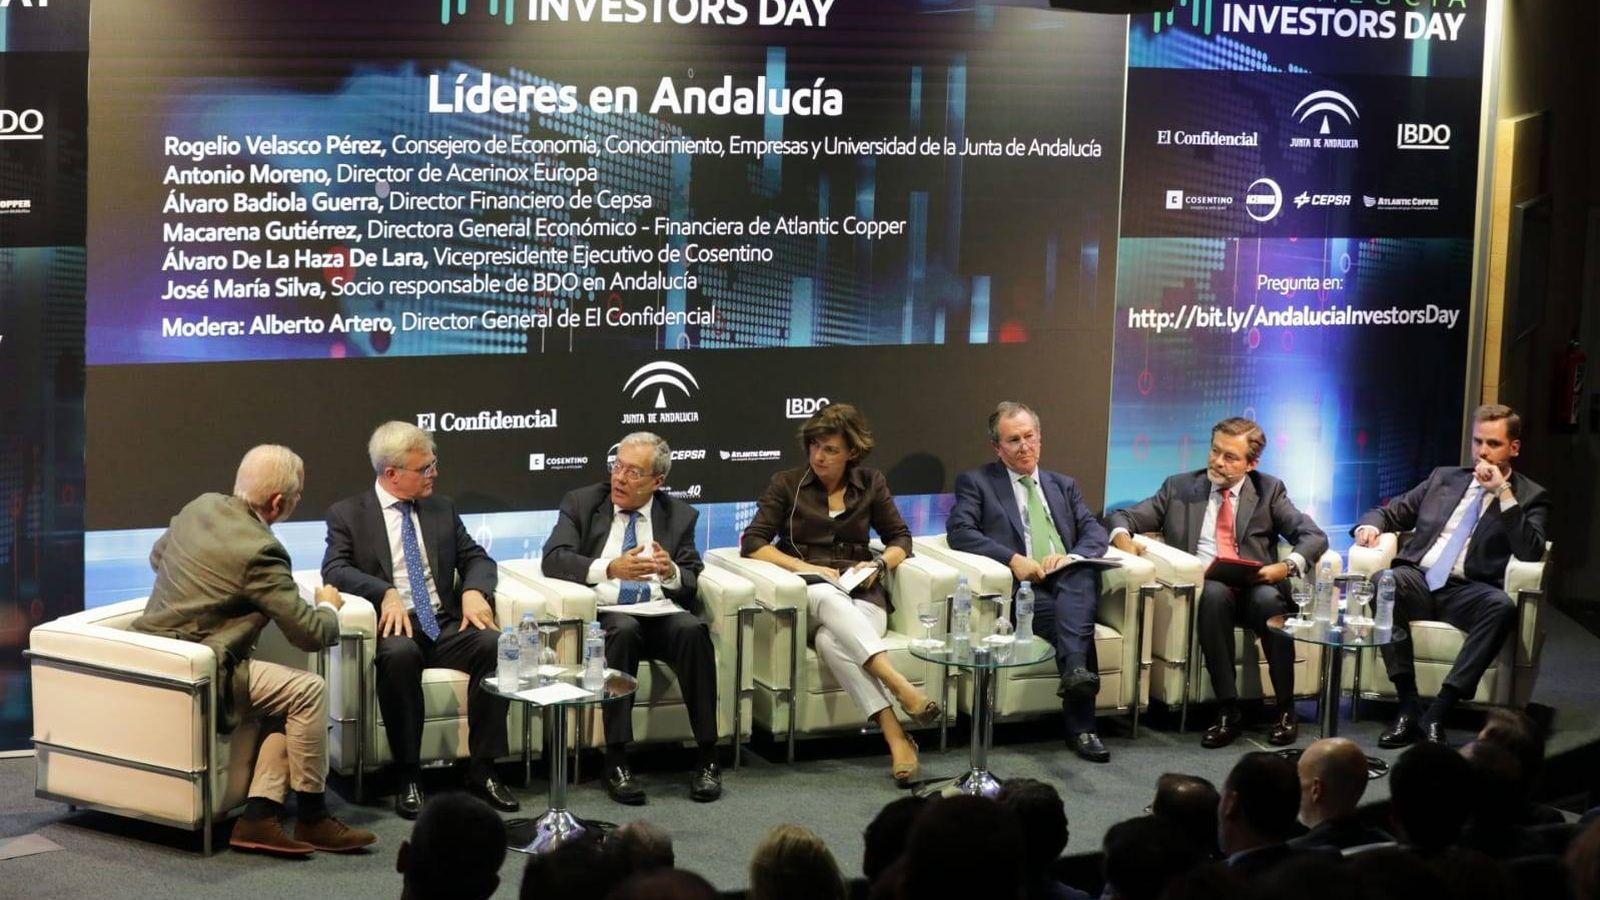 Foto: Escenario del evento. (EC)